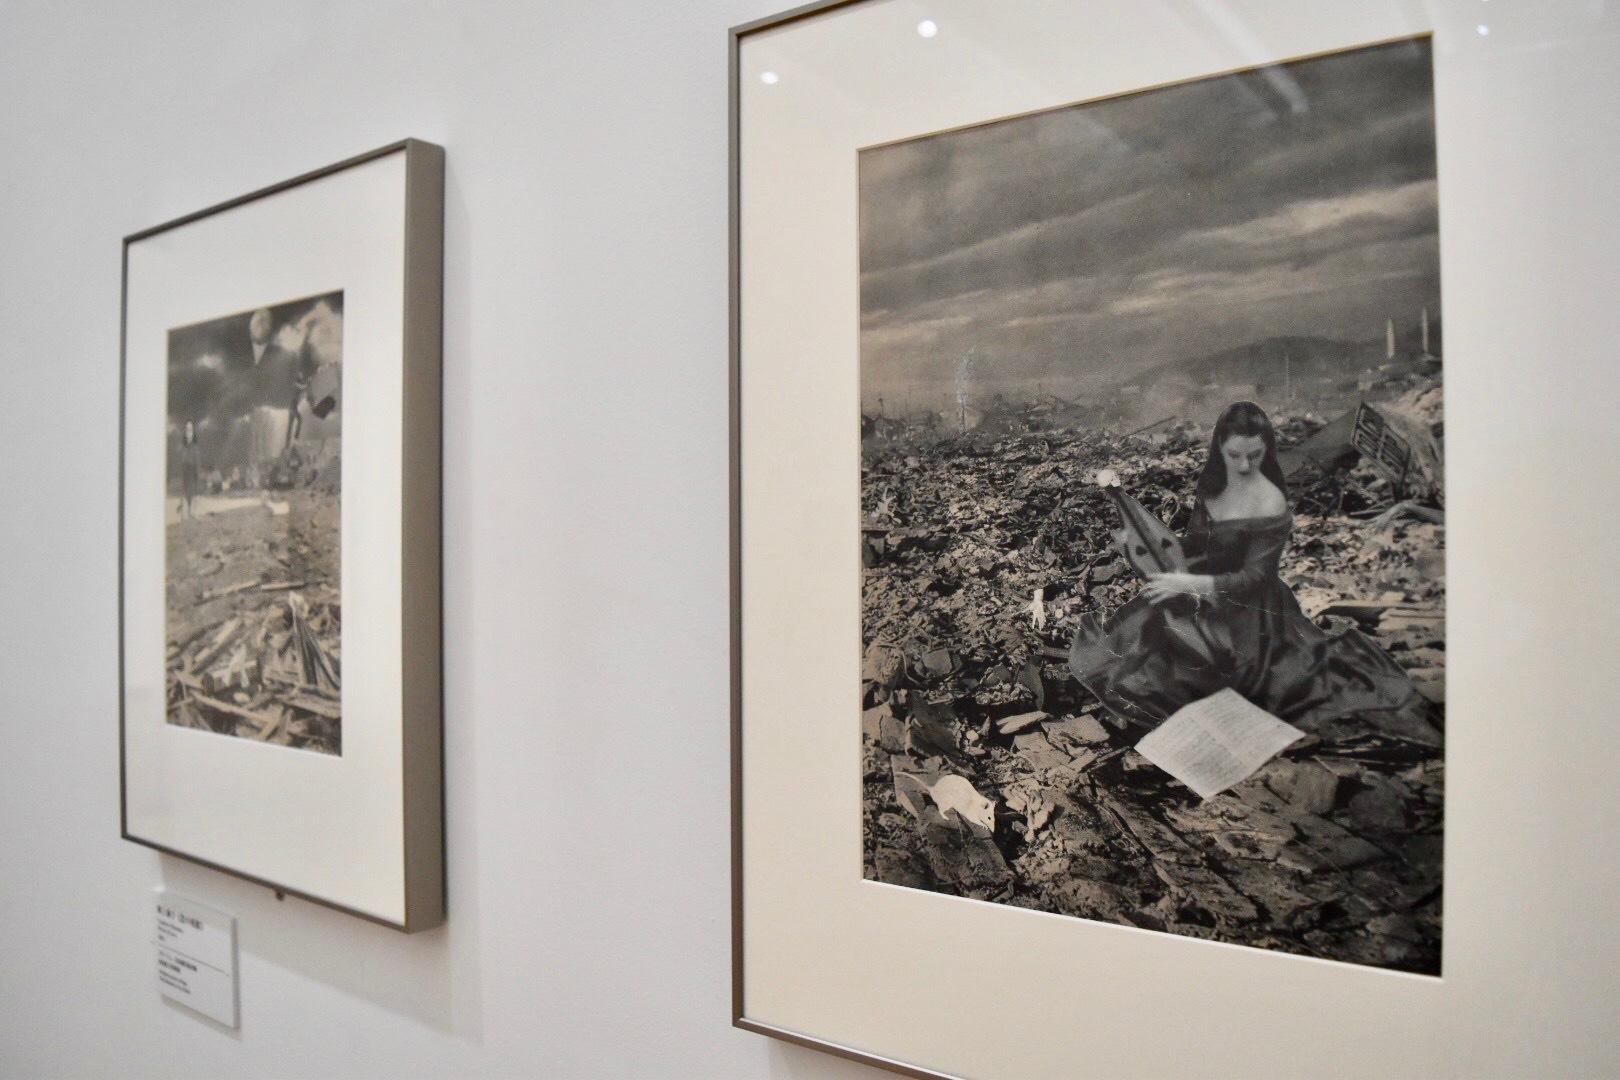 岡上淑子 《廃墟の旋律》 1951年頃